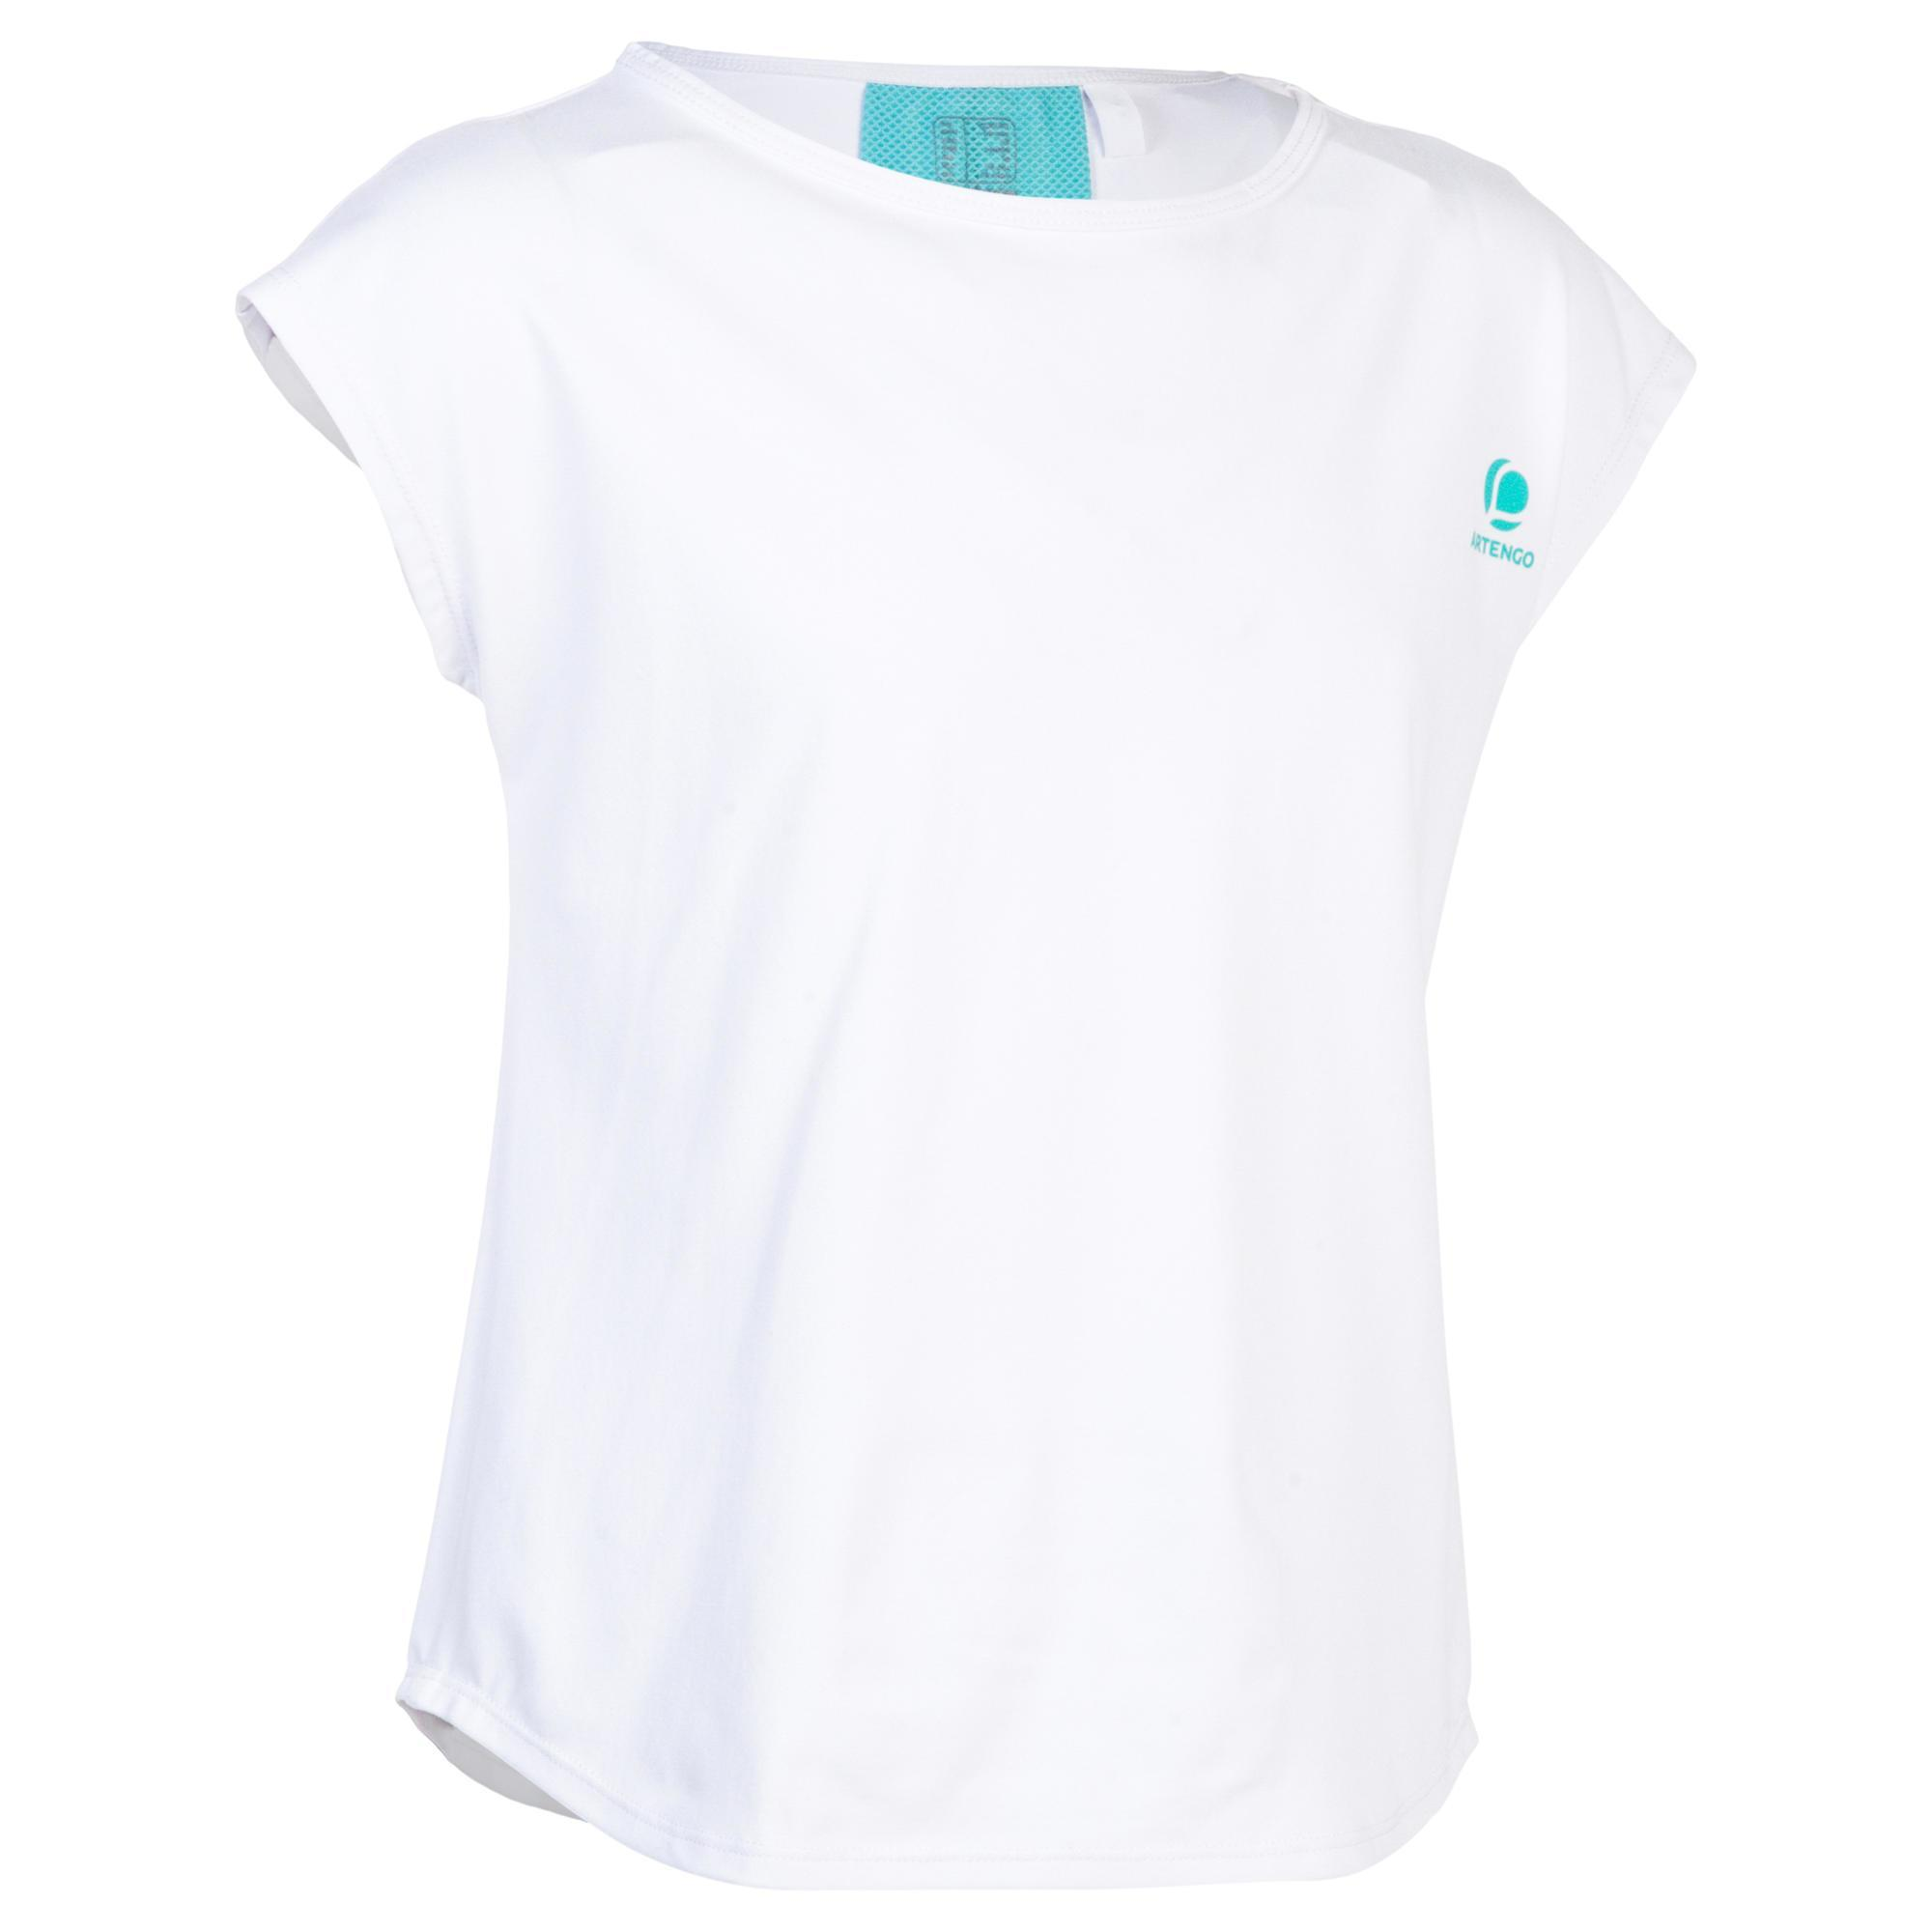 Tennis-Shirt 500 Kinder | Sportbekleidung > Sportshirts > Tennisshirts | Artengo